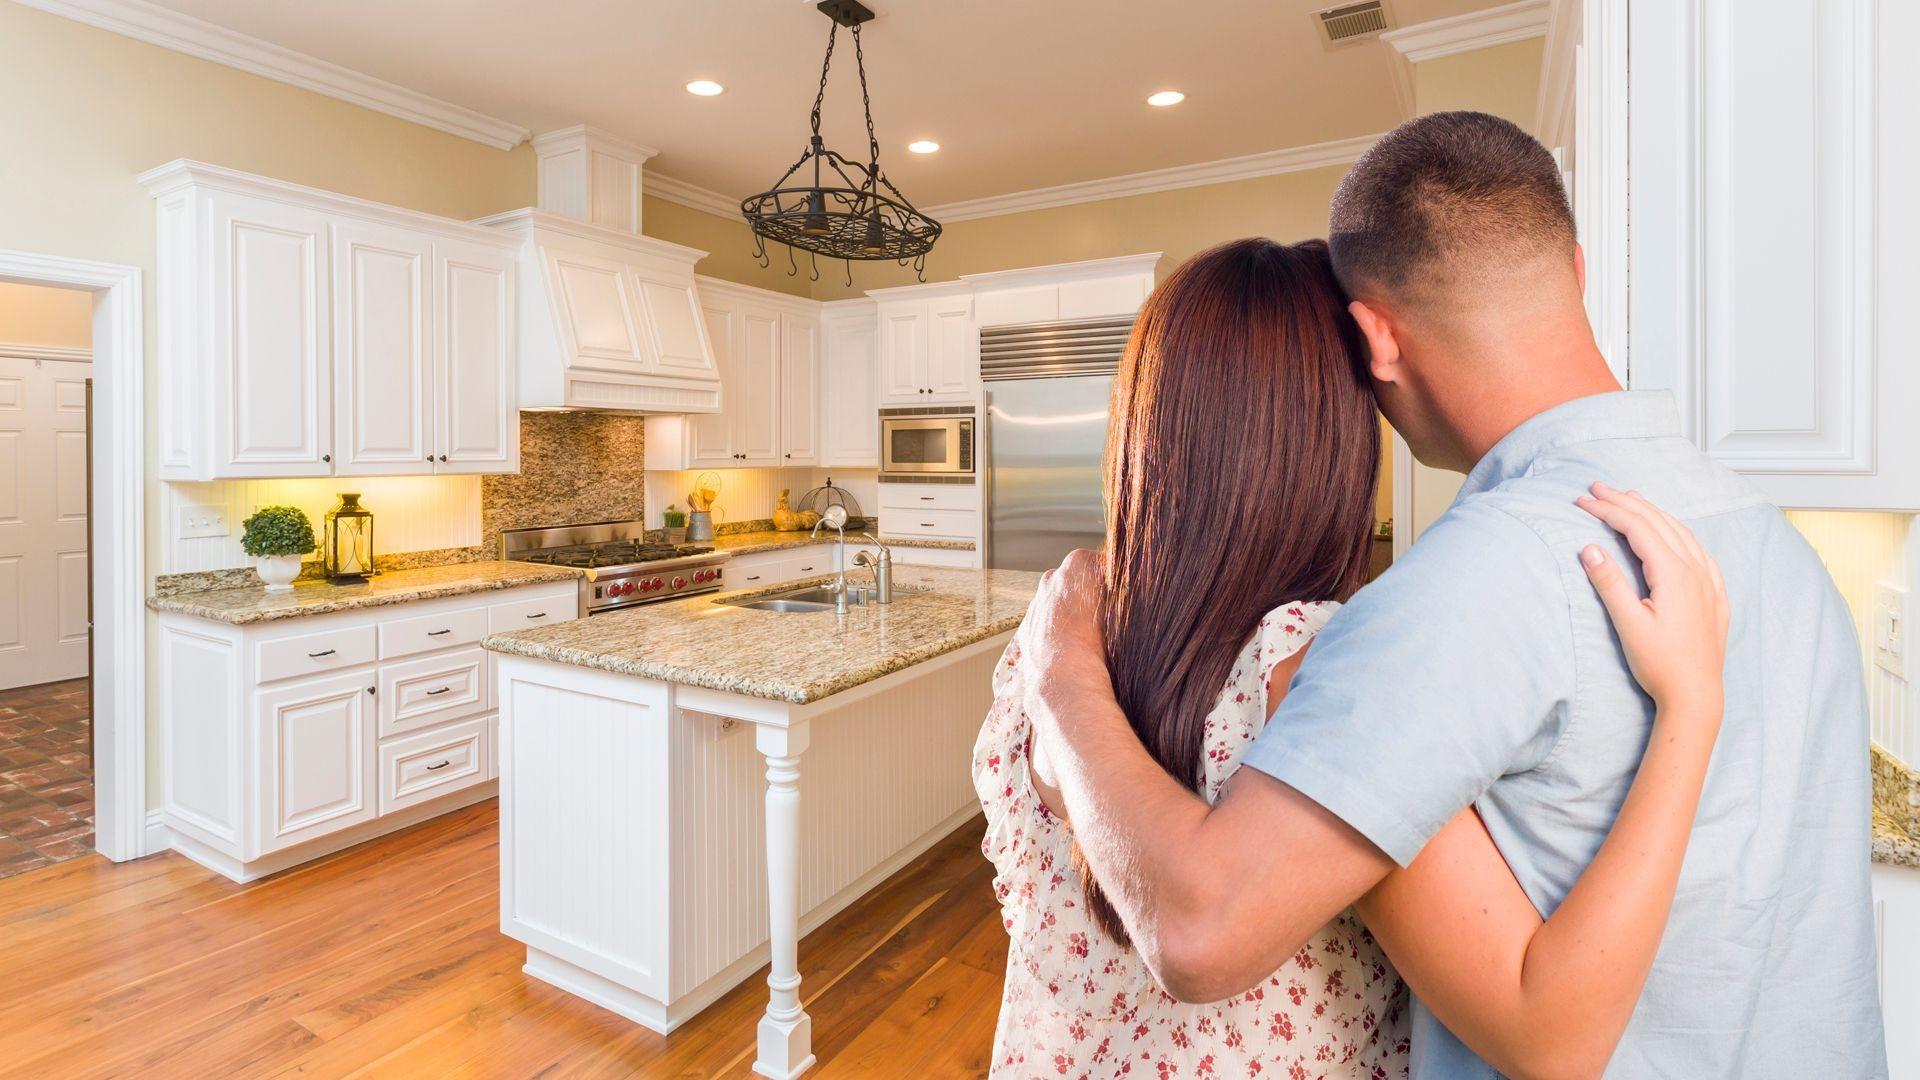 000 cocinas reformas casa diseño decoracion (2)